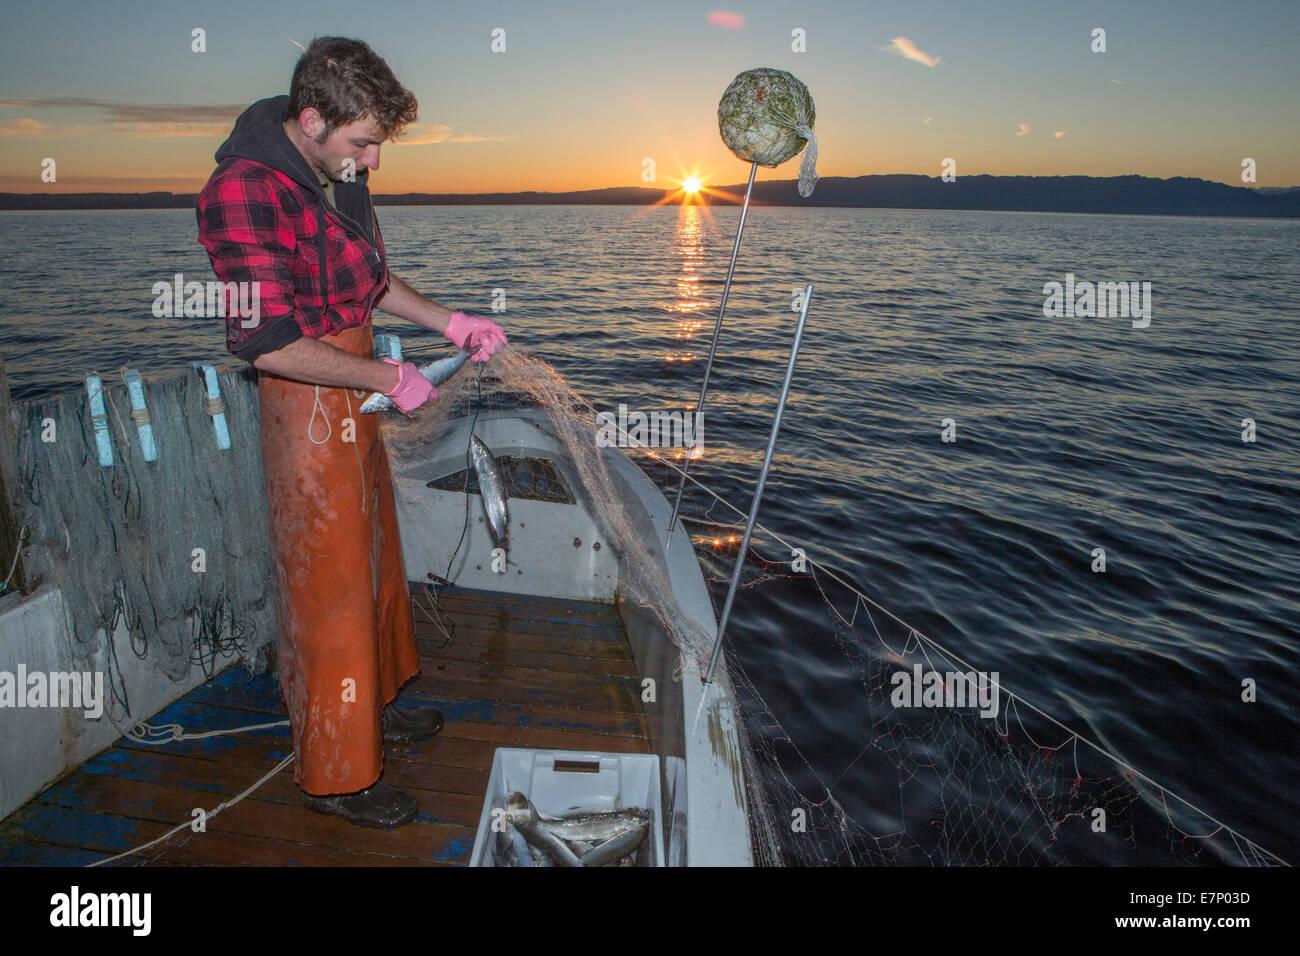 Il lago di Costanza, pescatore, il lago di Costanza, molla, Claudio Timo Görtz, lavoro, lavoro, occupazione, Immagini Stock